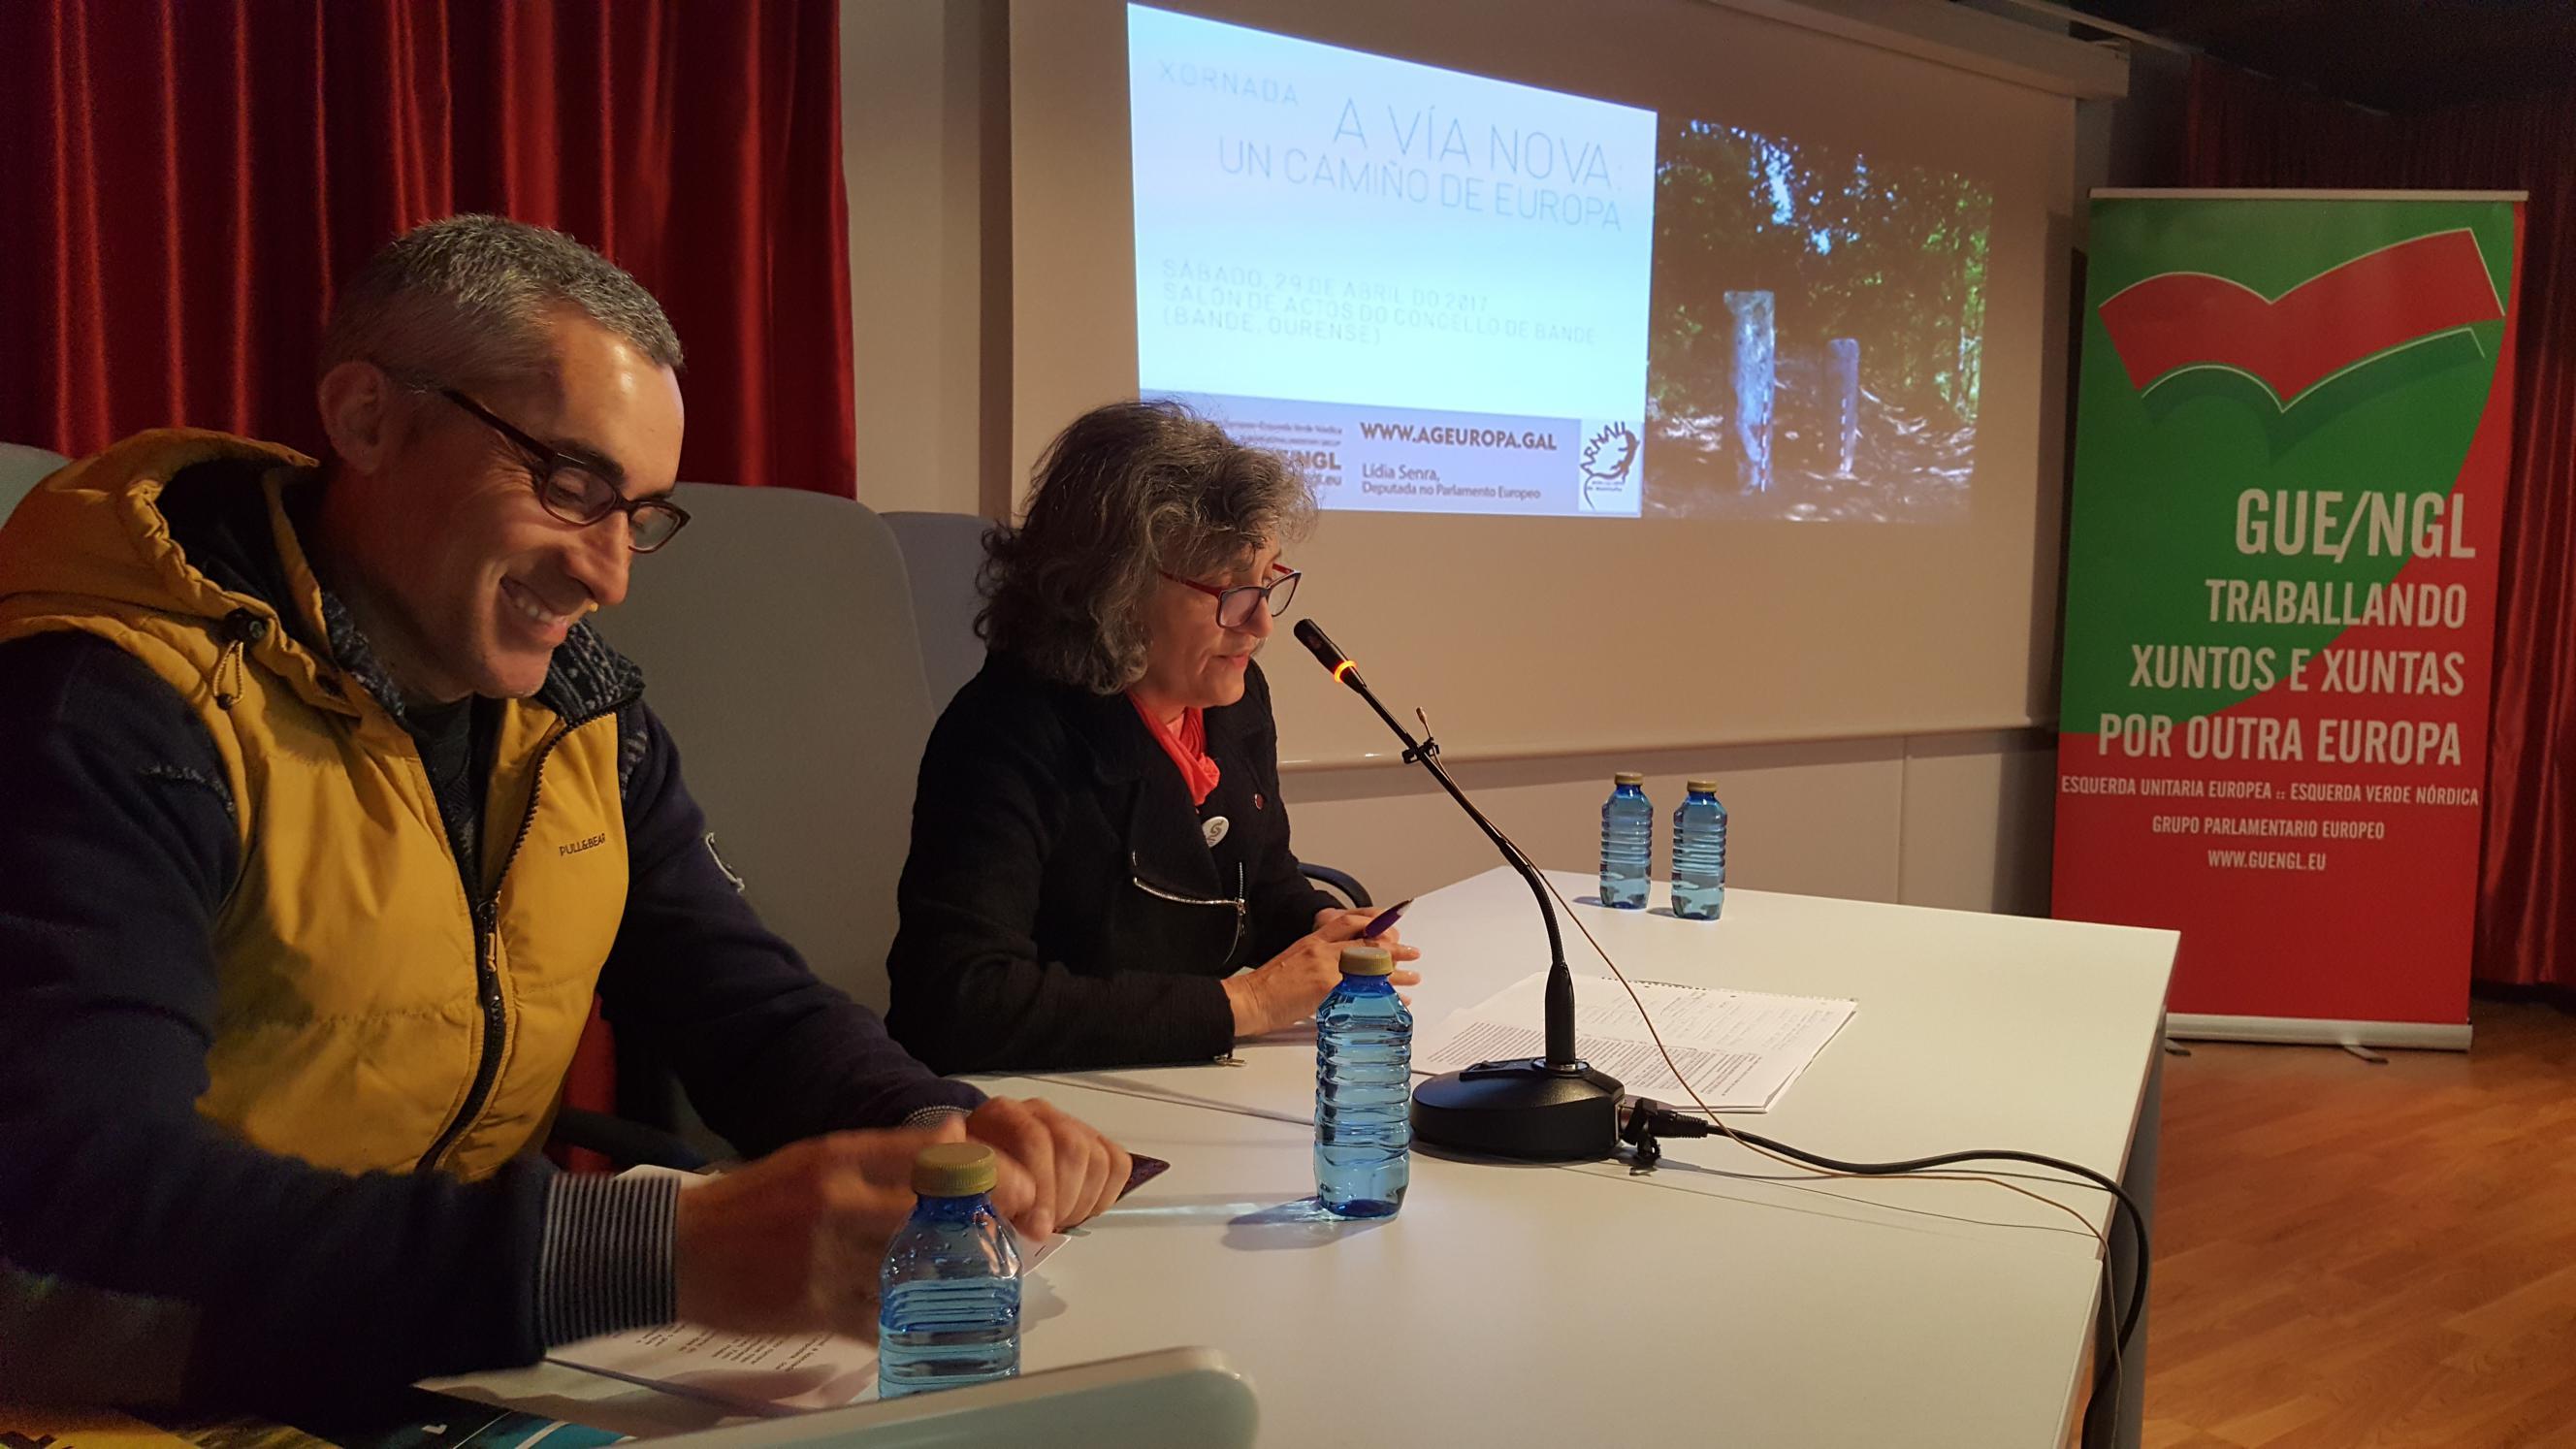 Lidia Senra e Davide Perez inaugurando a xornada da Via Nova